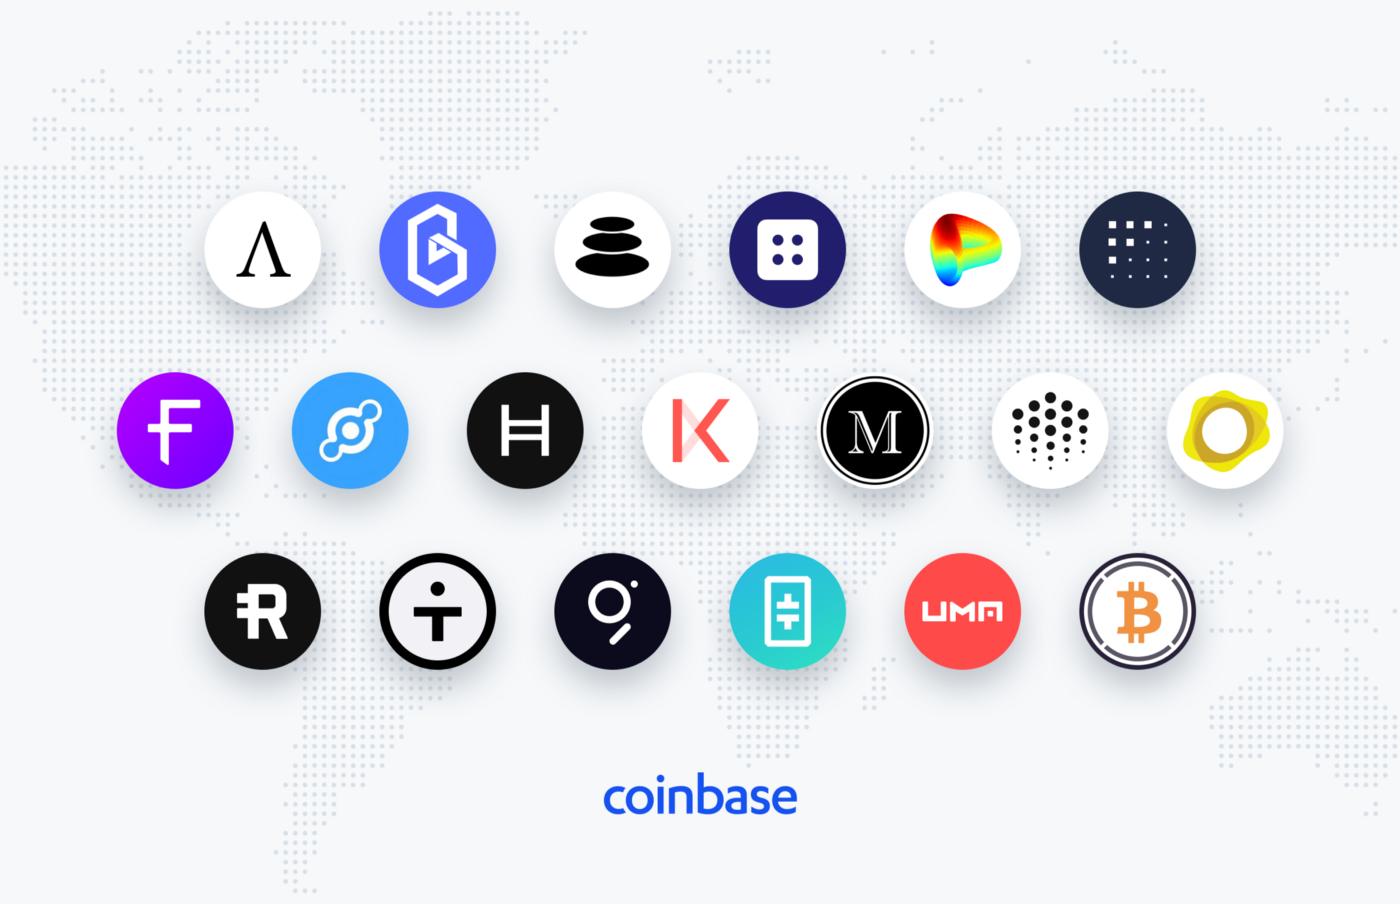 Định nghĩa về Coinbase điều bạn cần biết